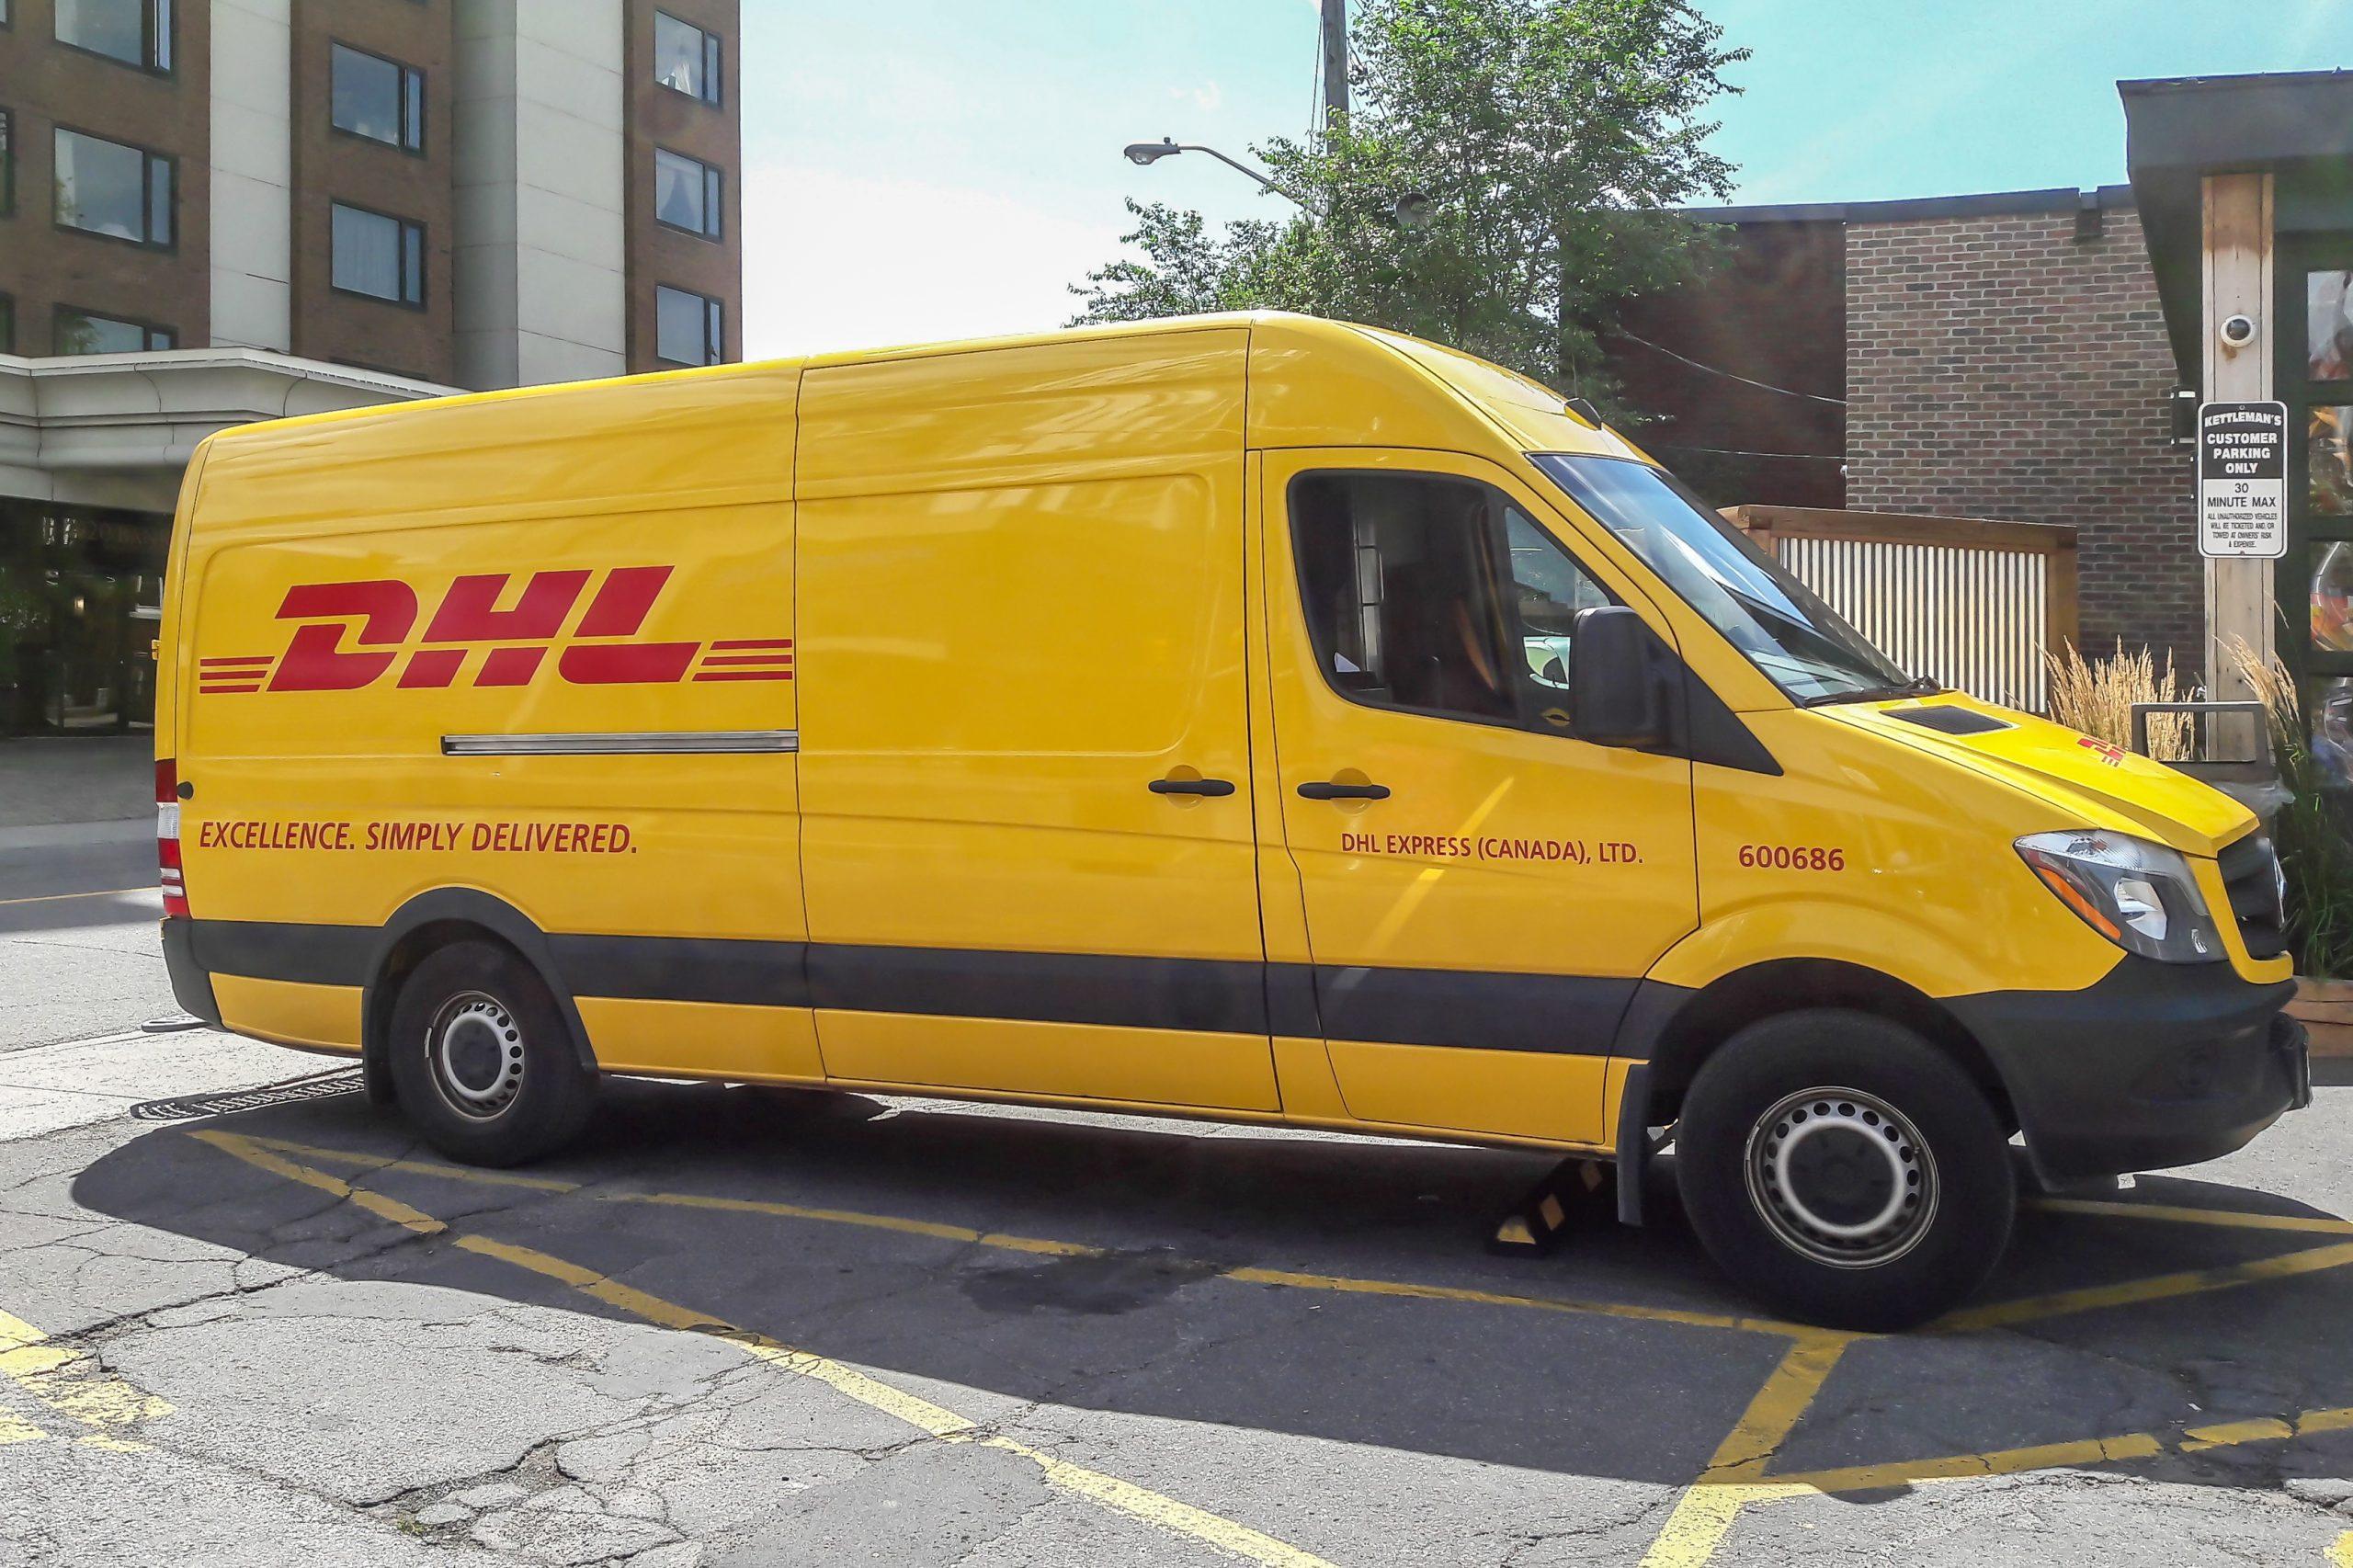 Contacter DHL pour une réclamation